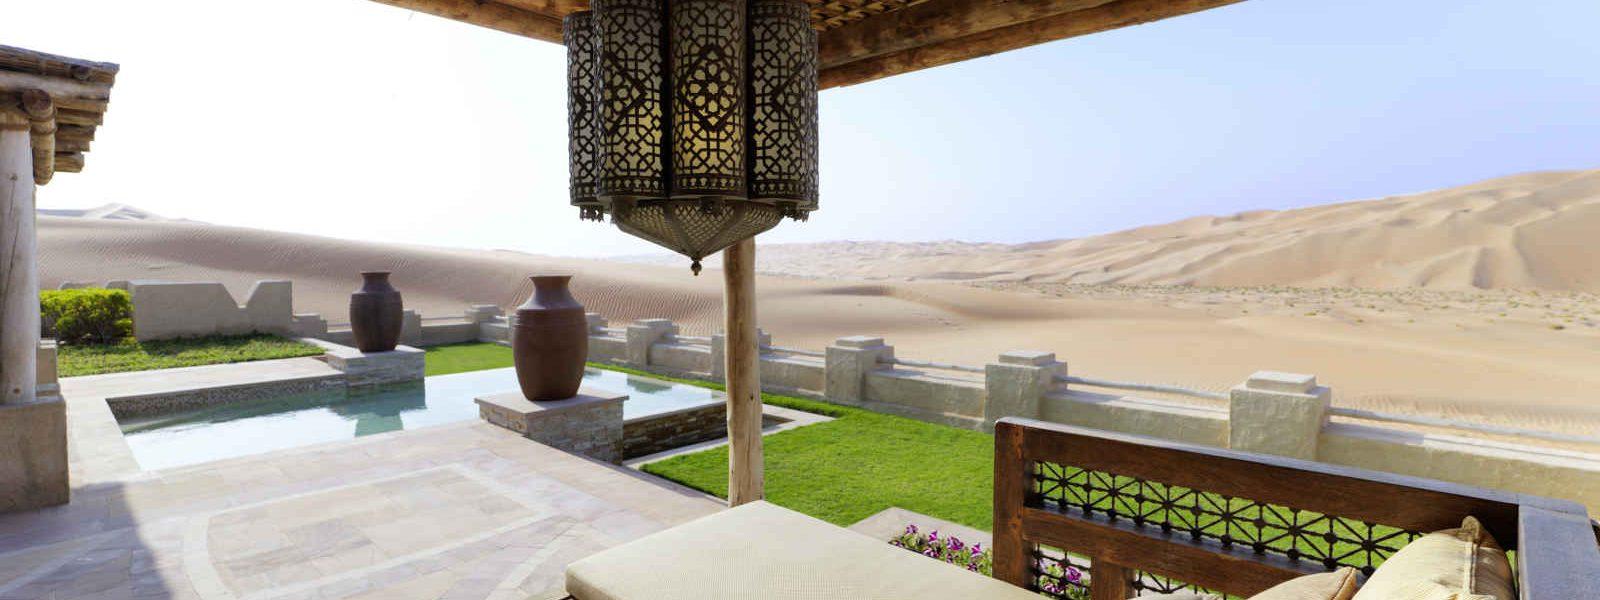 Anantara Qasr al Sarab Resort & Spa, Abou Dhabi